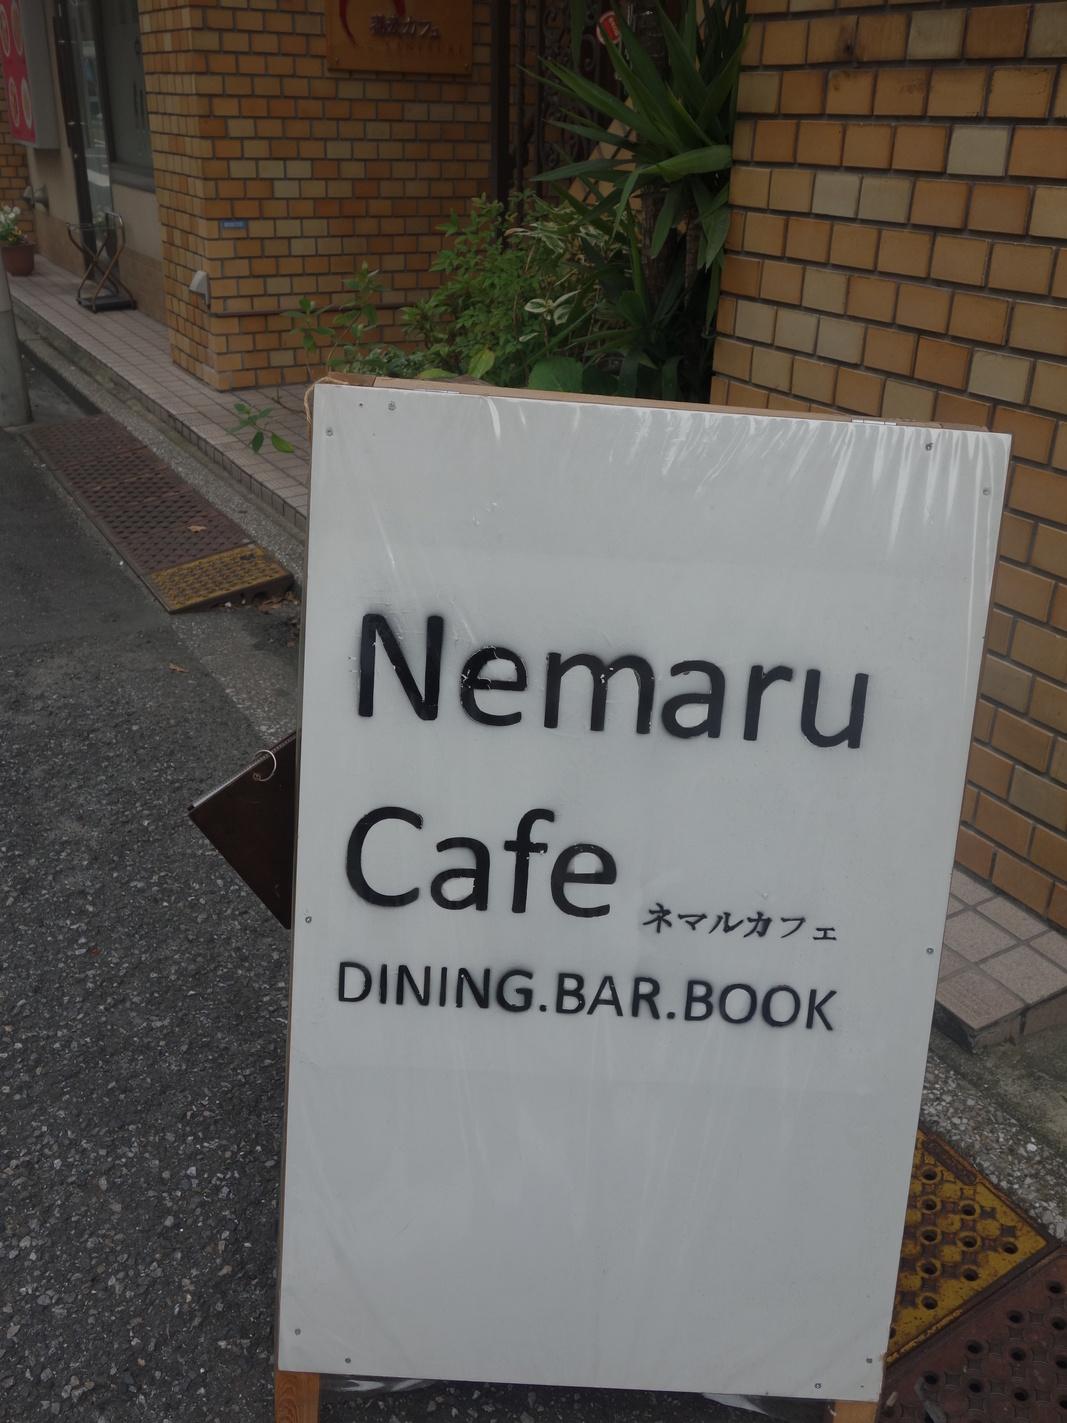 ネマルカフェ